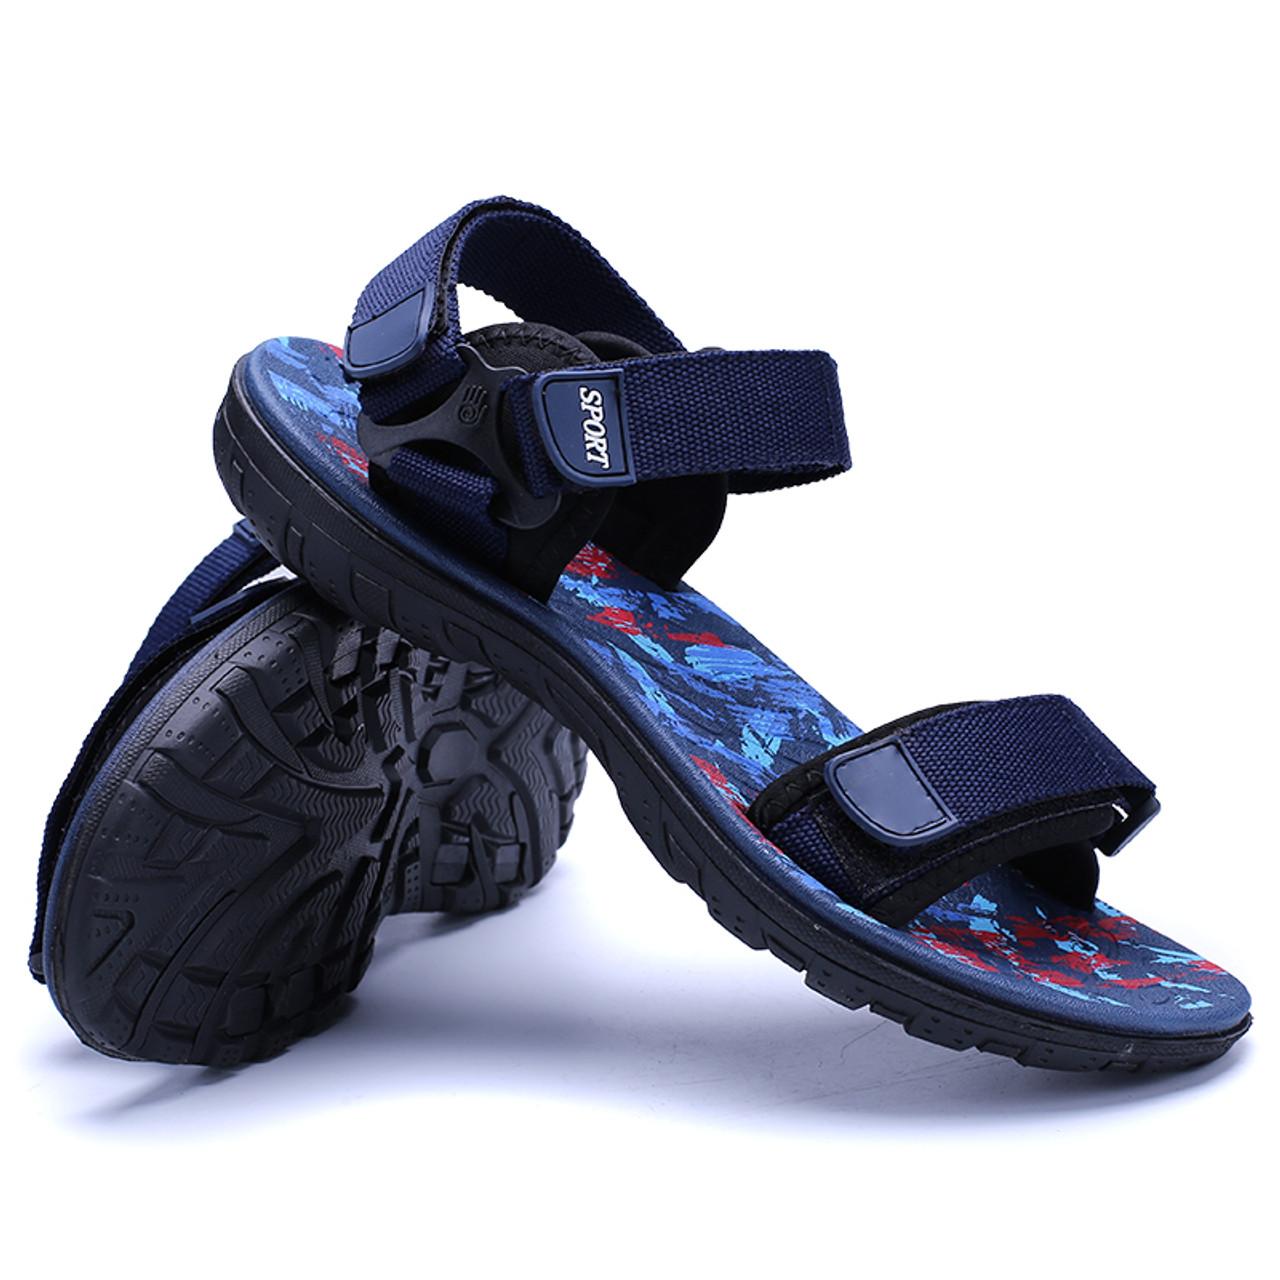 e754f91abc78 ... New Sandals Men Summer Beach Shoes Sandals Designers Mens Sandals  Slippers For Men Zapatos Sandalias Hombre ...